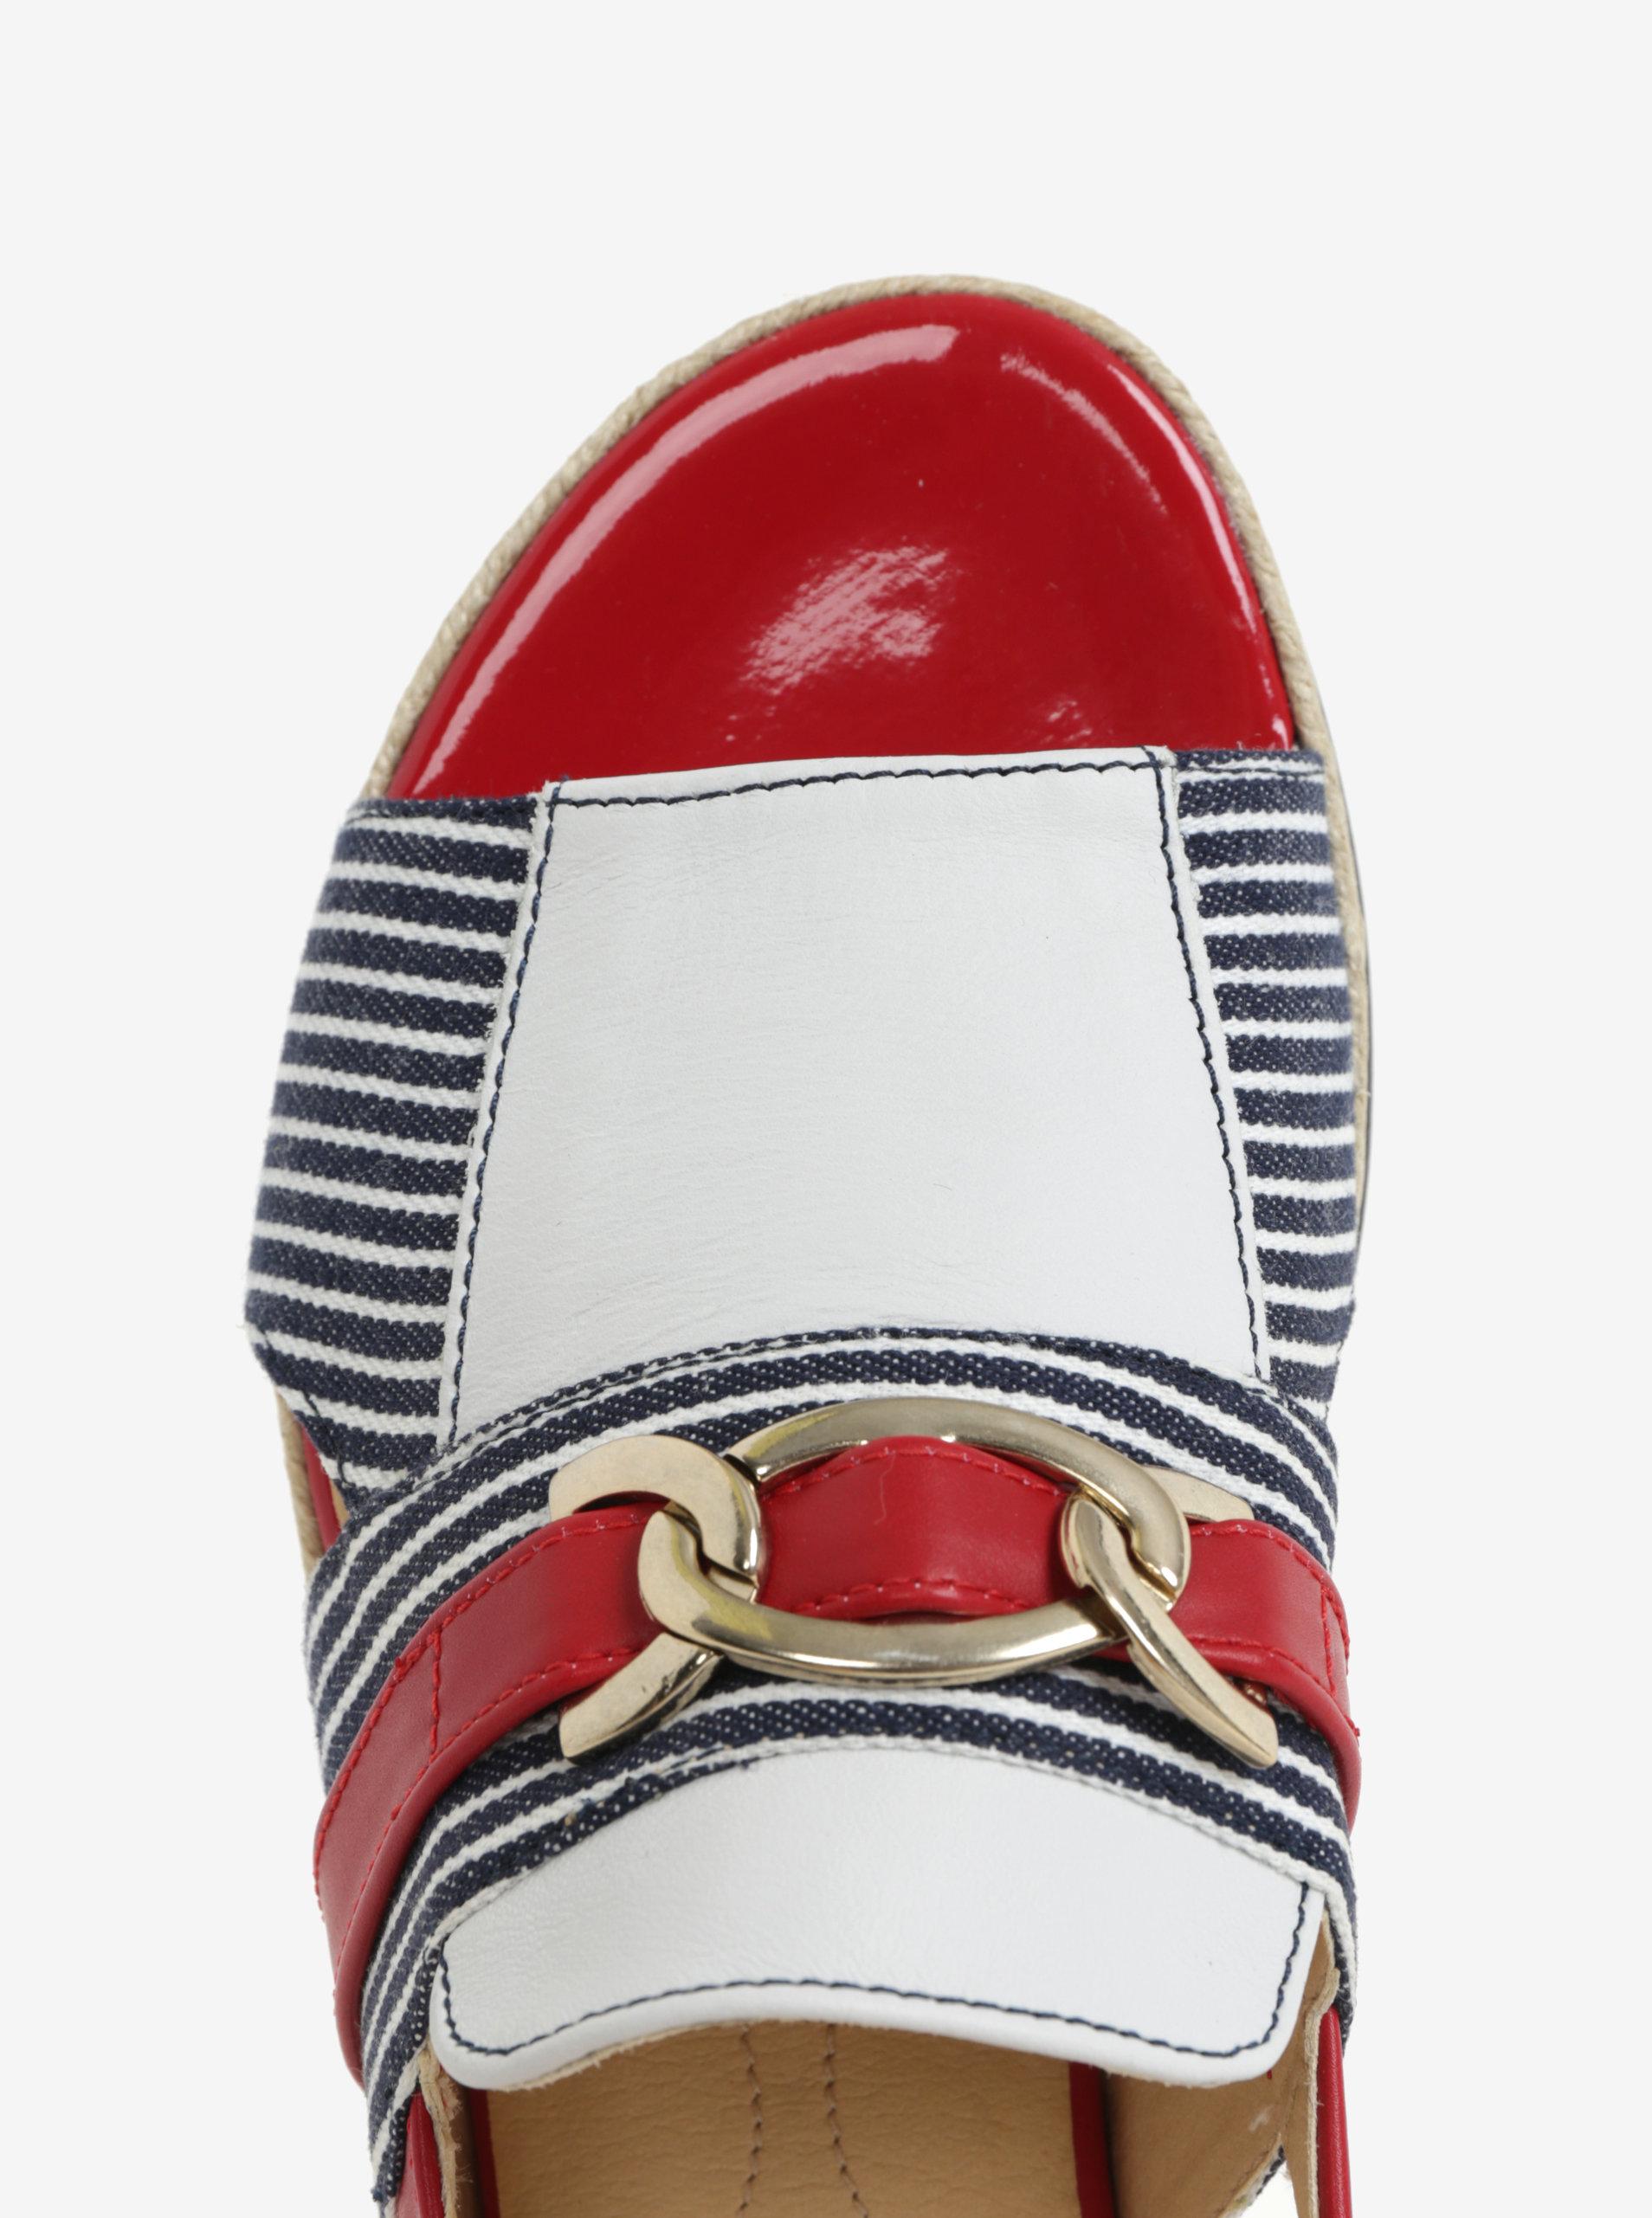 Červeno-modré dámské sandály Geox Mary Kolleen ... a3d3e45420